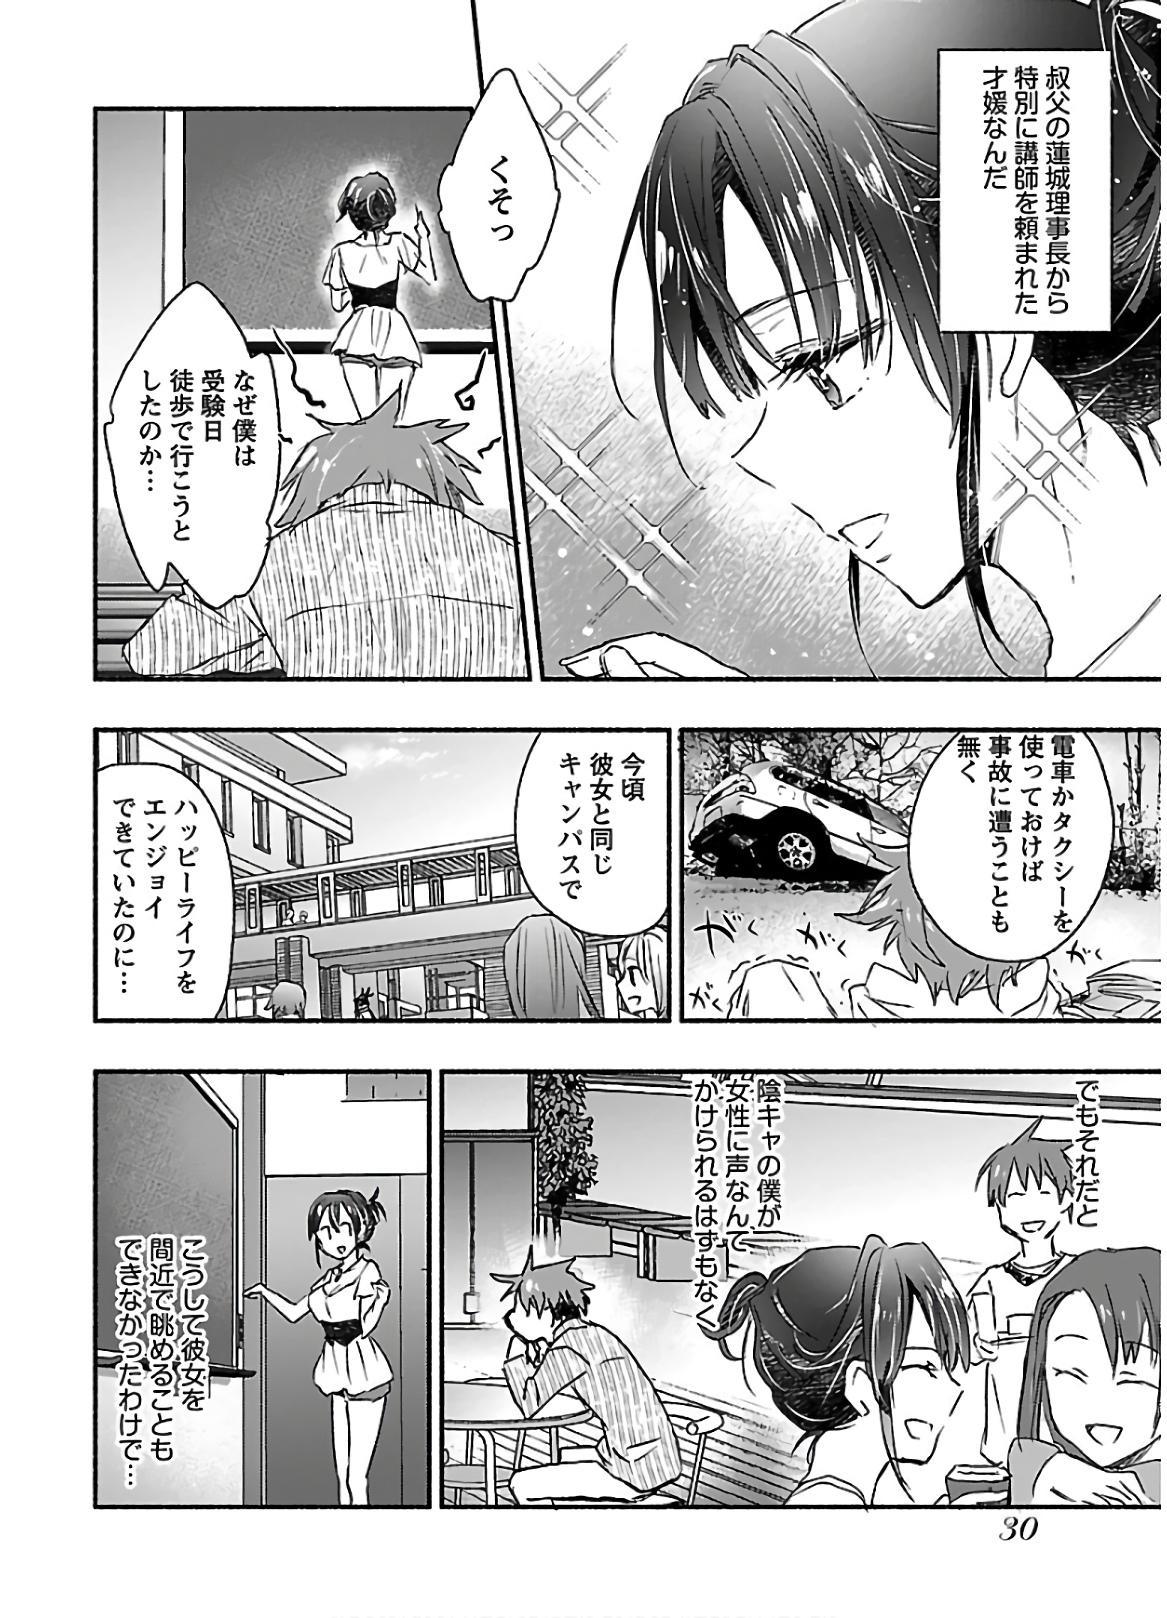 Yankii musume ni natsukarete kotoshi mo juken ni shippai shisou desu  vol.1 31